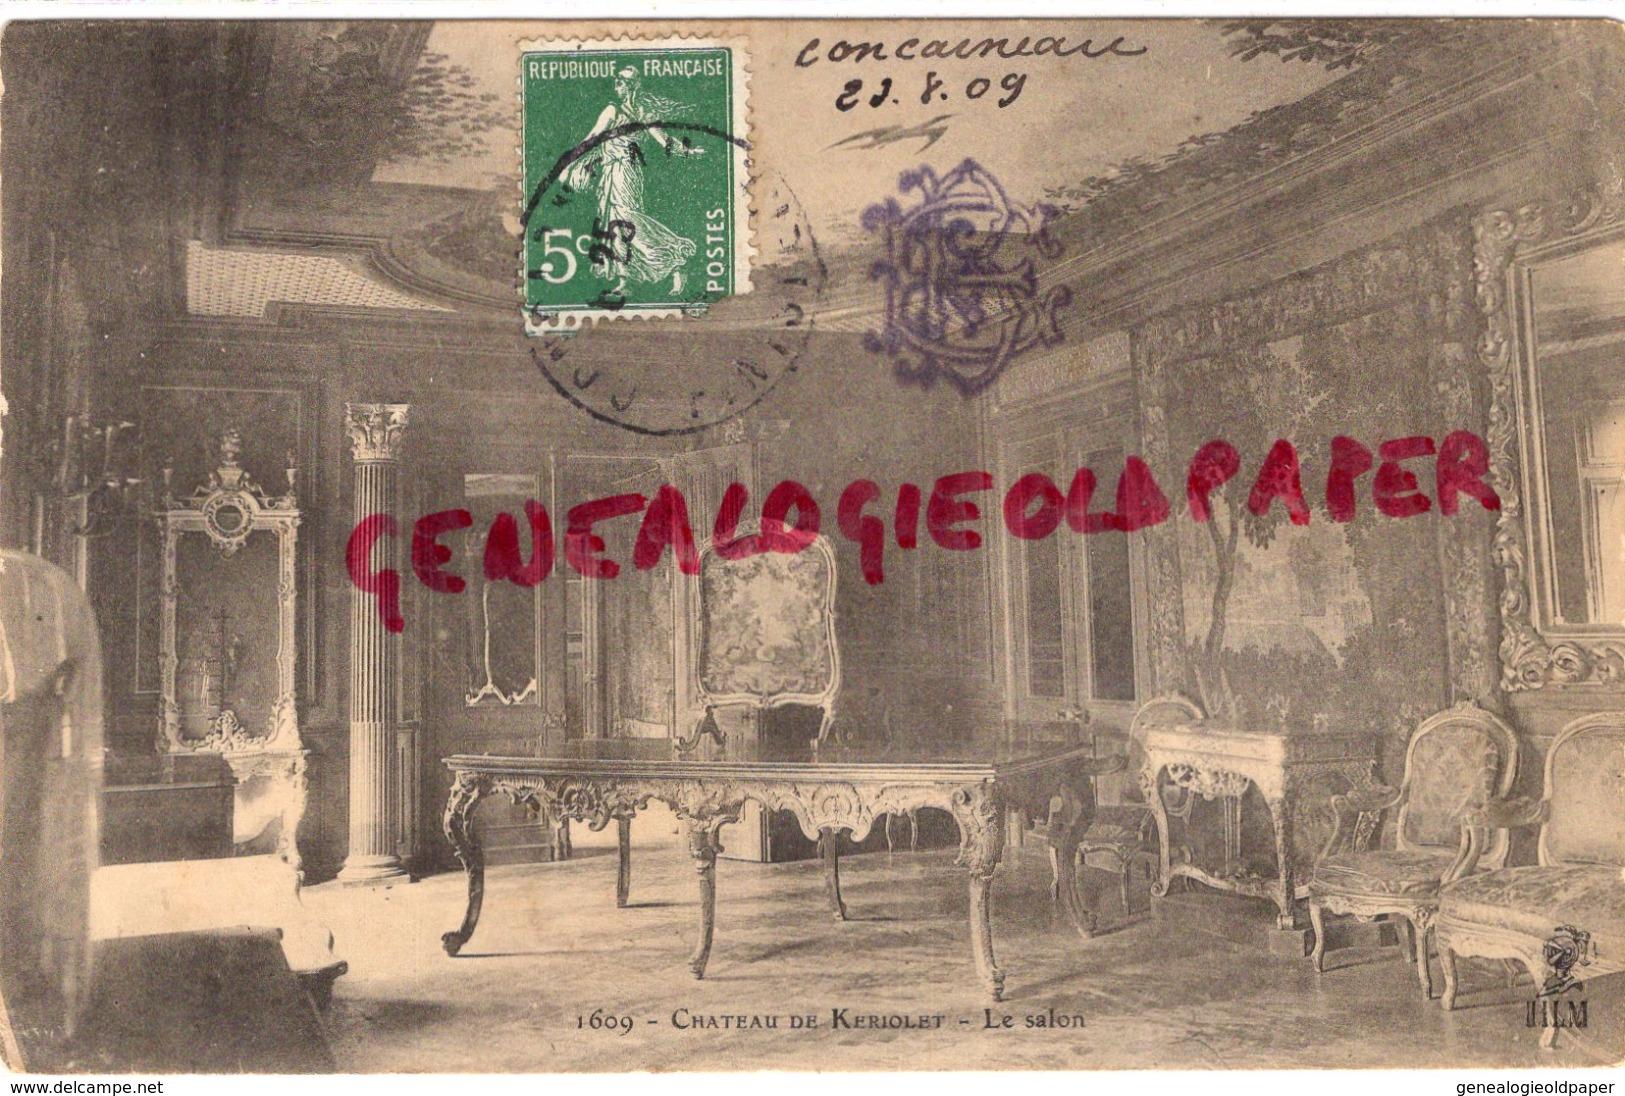 29 - BEUZEC CONQ - CONCARNEAU - LE CHATEAU DE KERIOLET - LE SALON- 1909 - Beuzec-Cap-Sizun